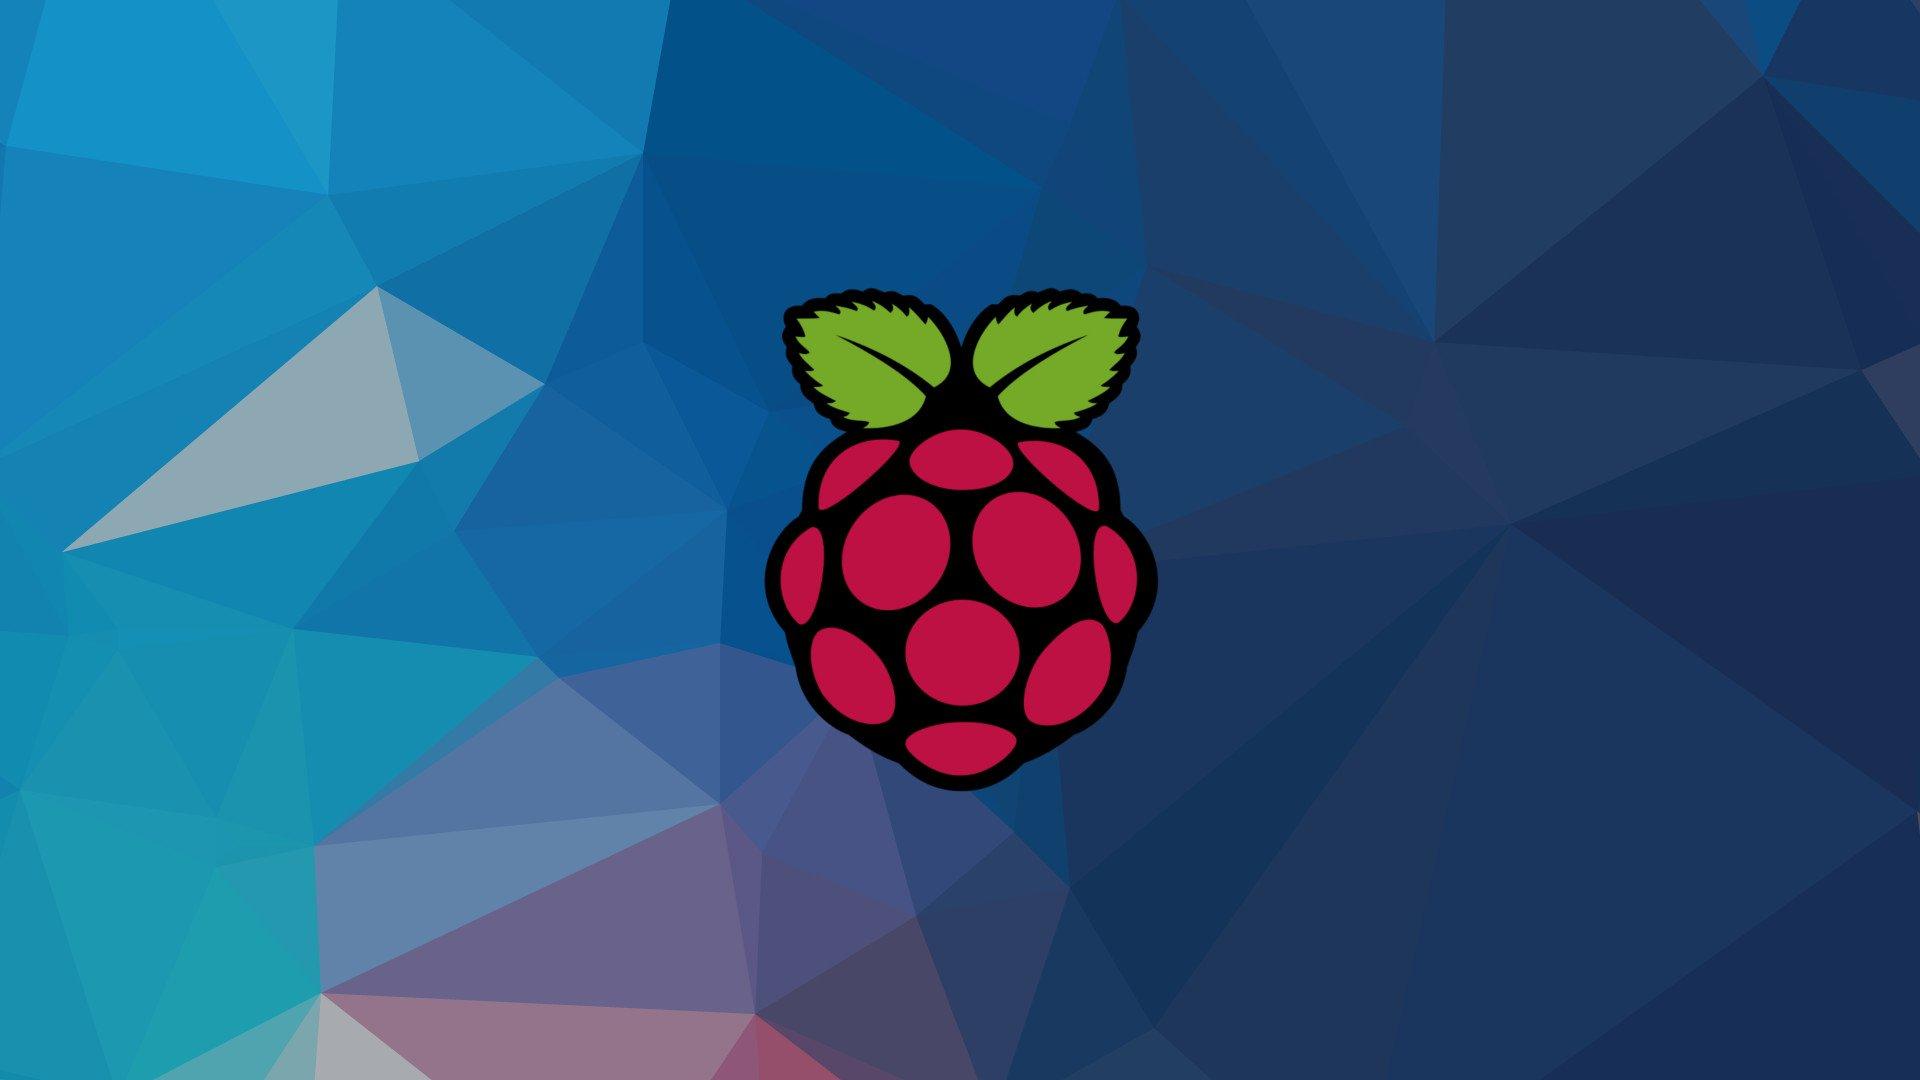 Installer un Raspberry Pi sans clavier, sans écran, ni connexion ethernet